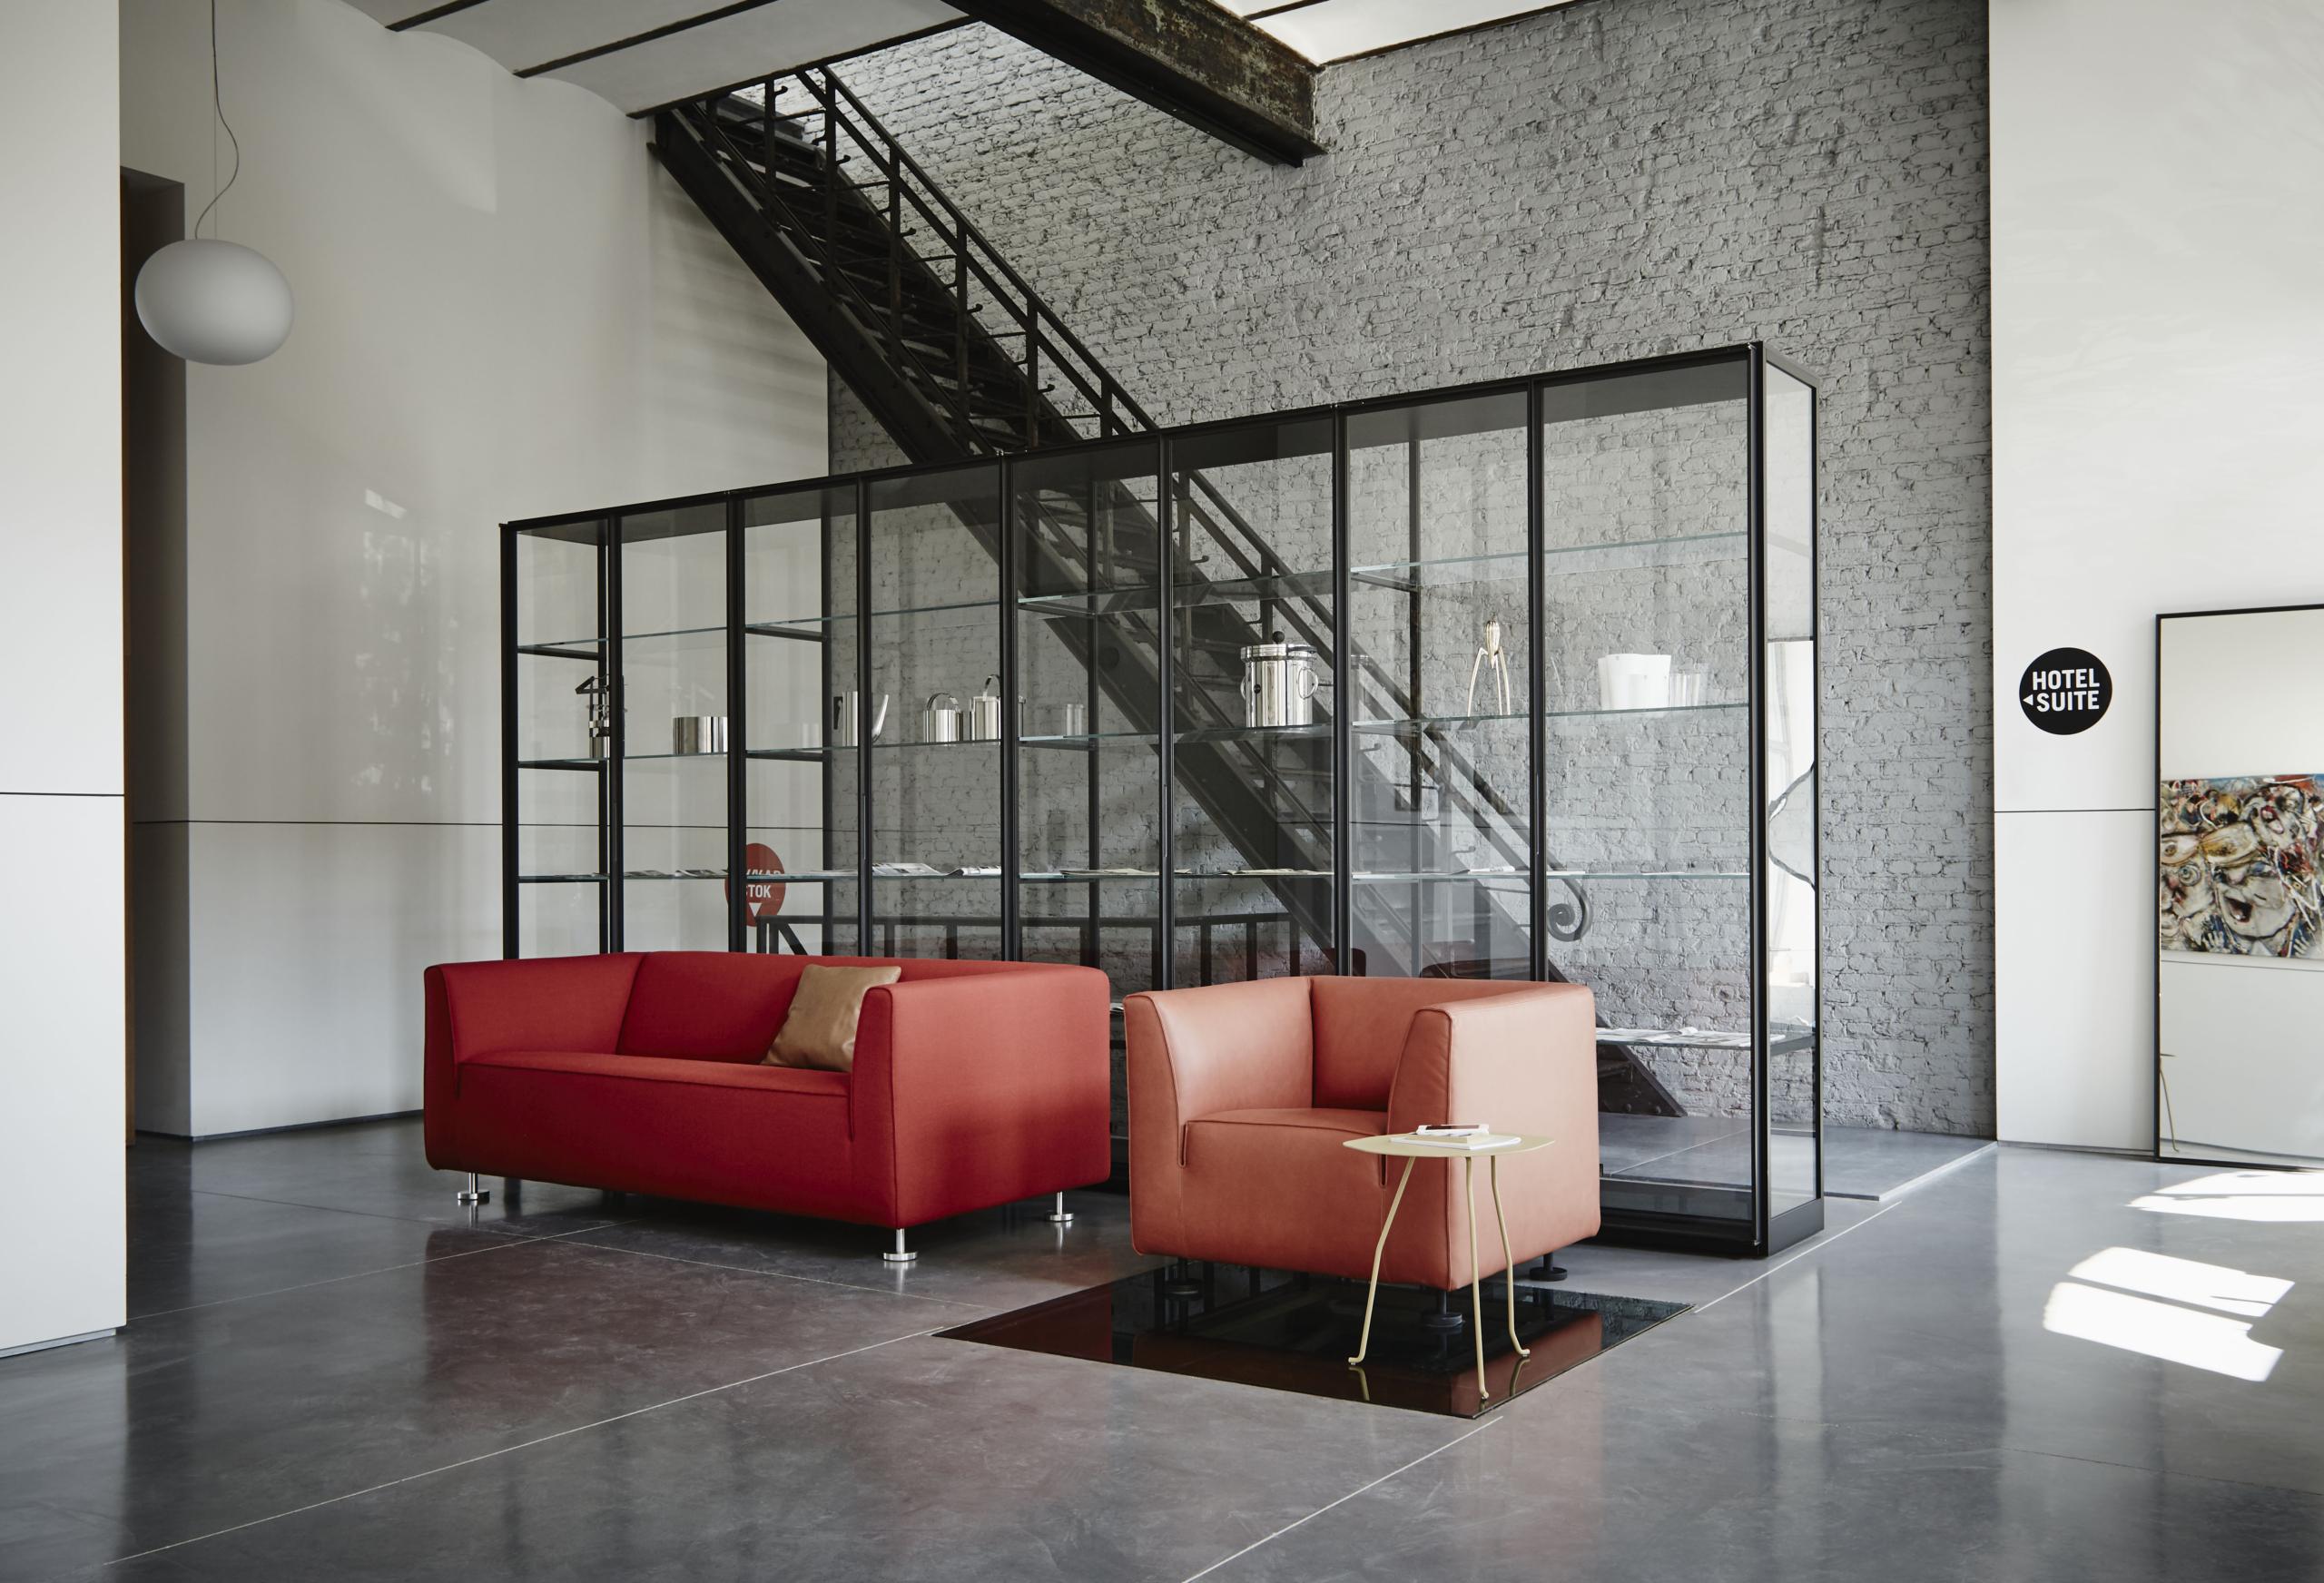 Gelderland bank en fauteuil rood leder